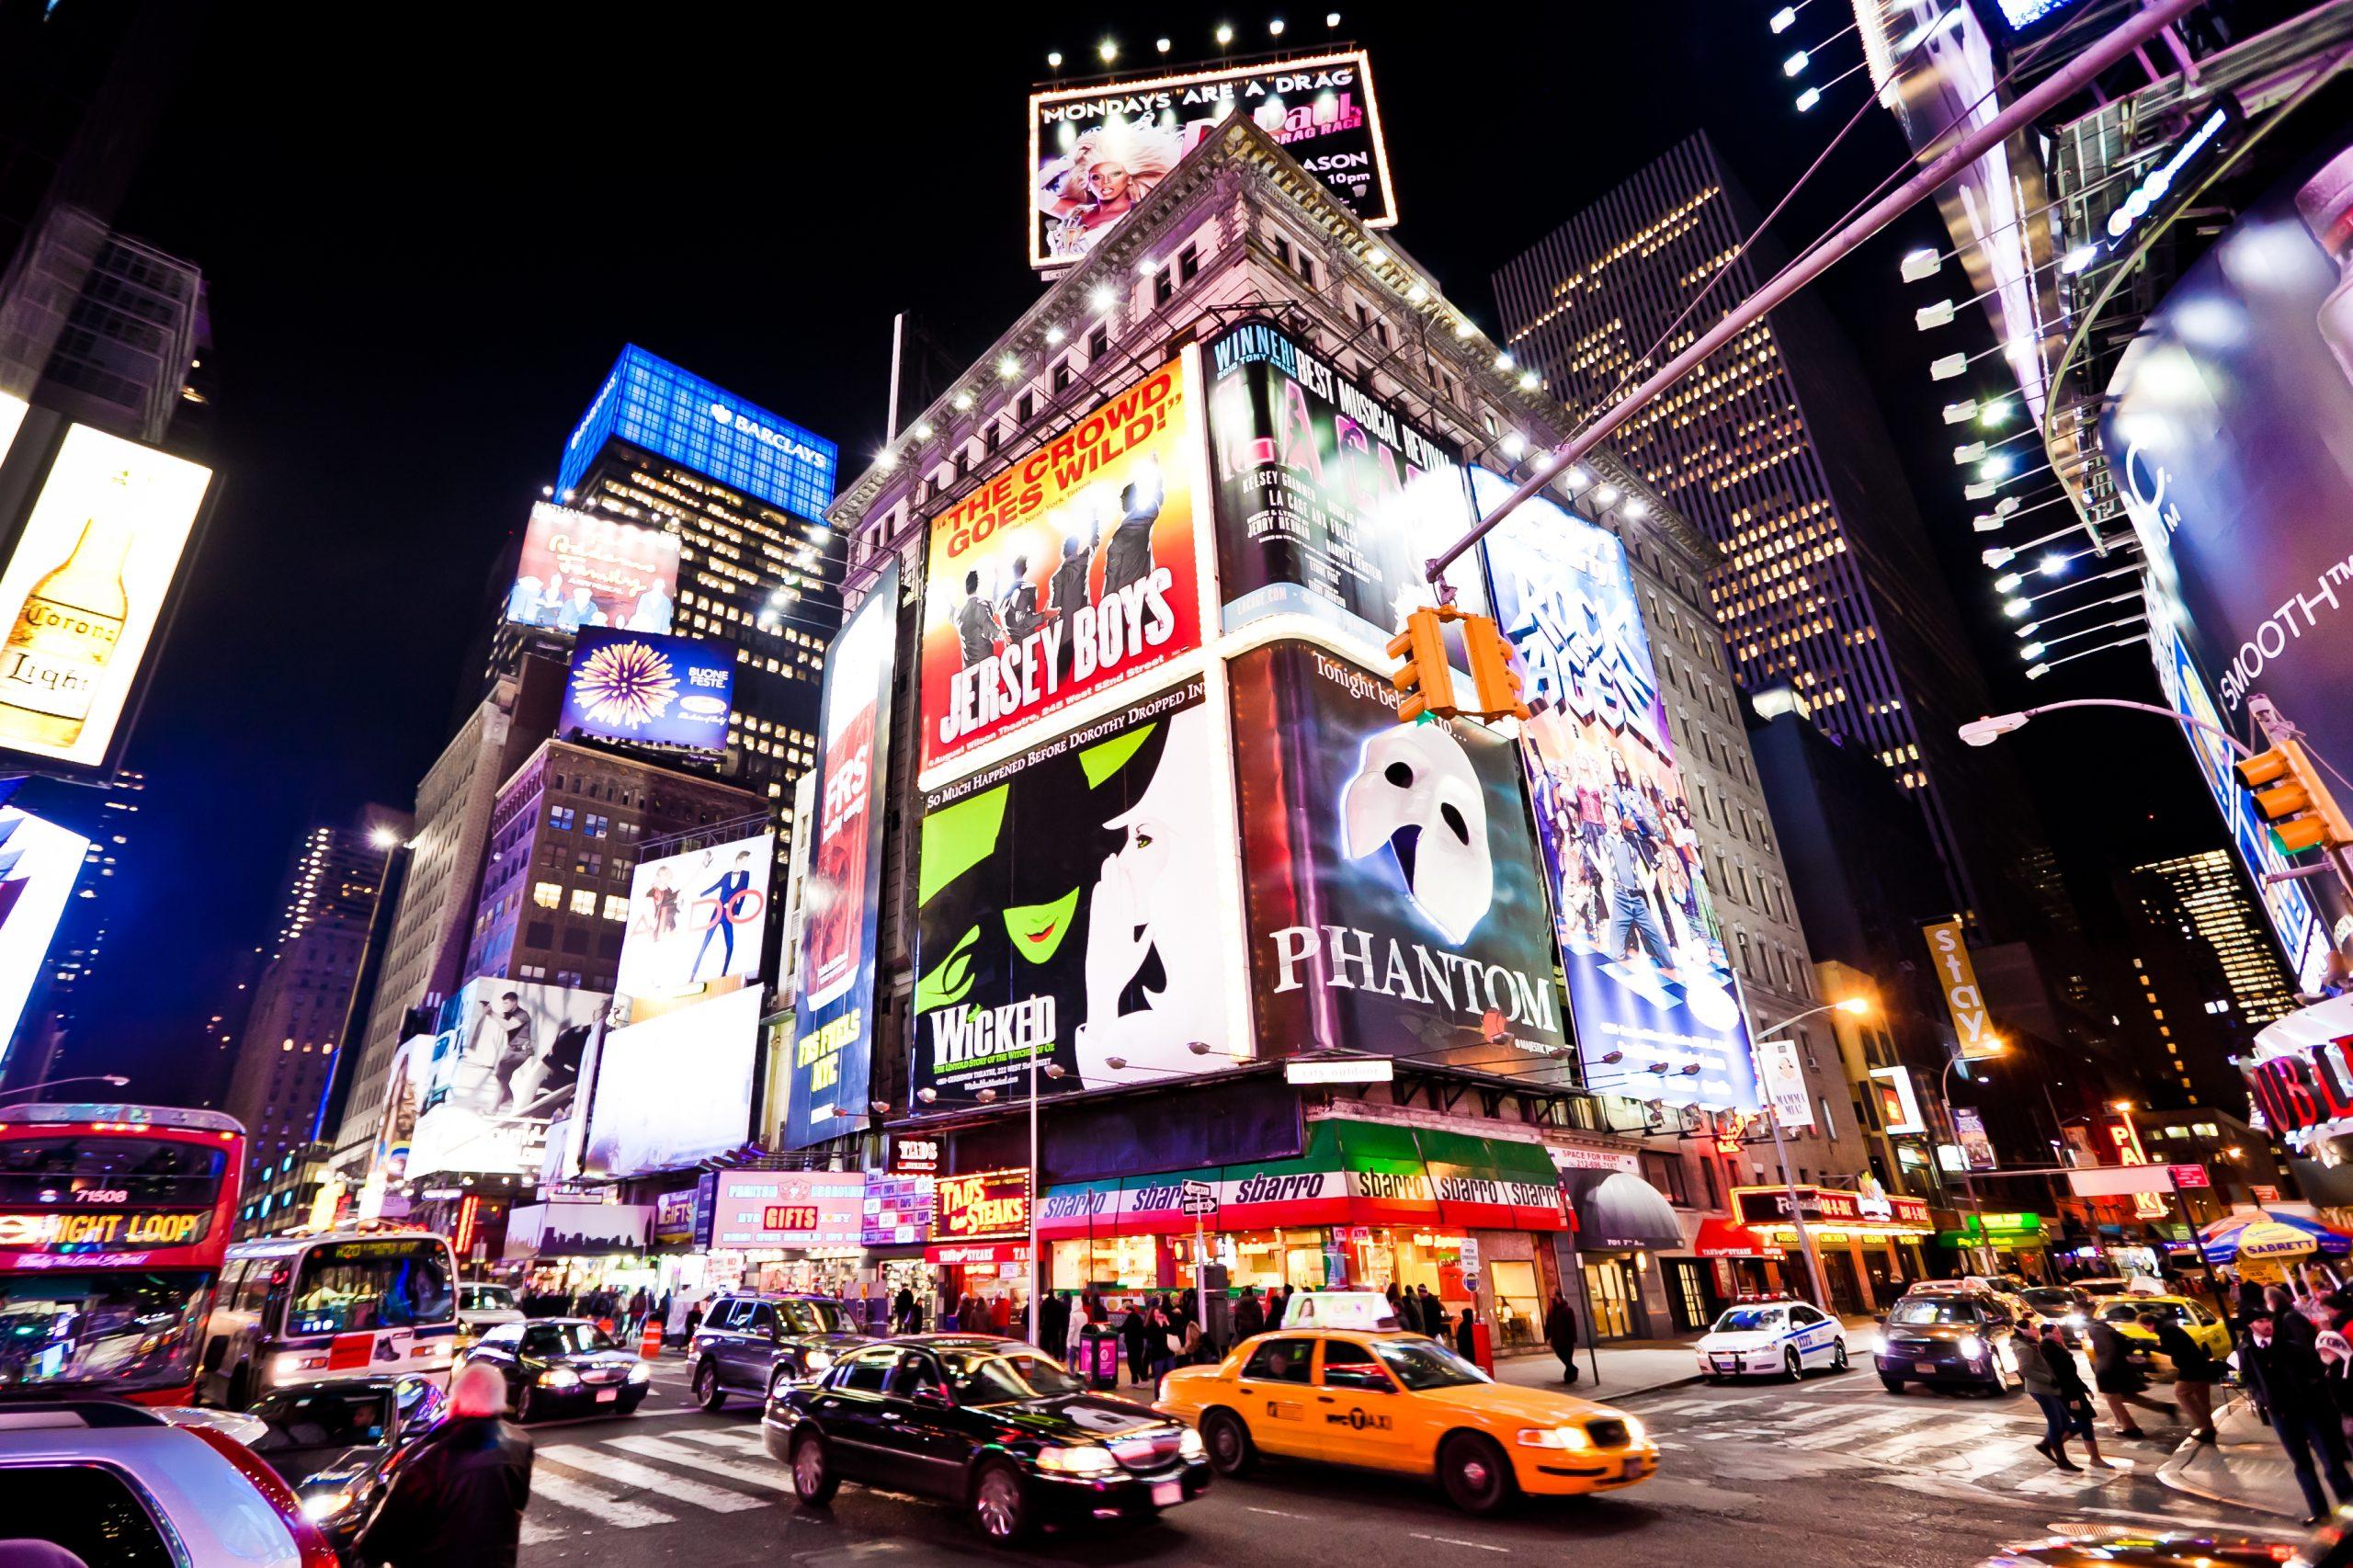 Komunikacja miejsak w Nowym Jorku